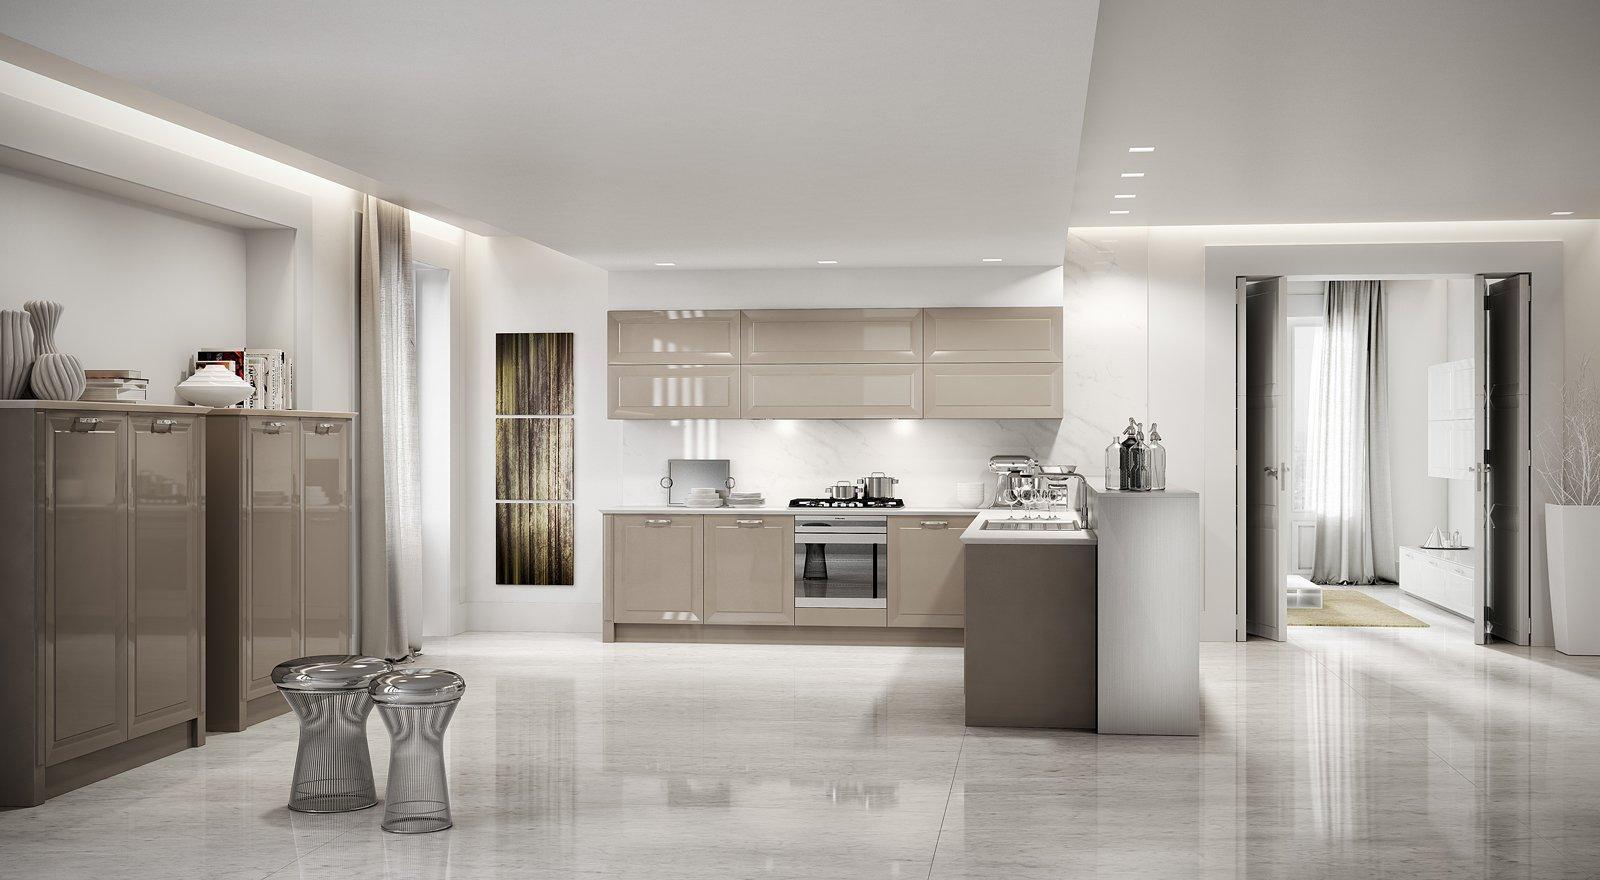 Cucina Berloni B50 - Idee per la decorazione di interni - coremc.us